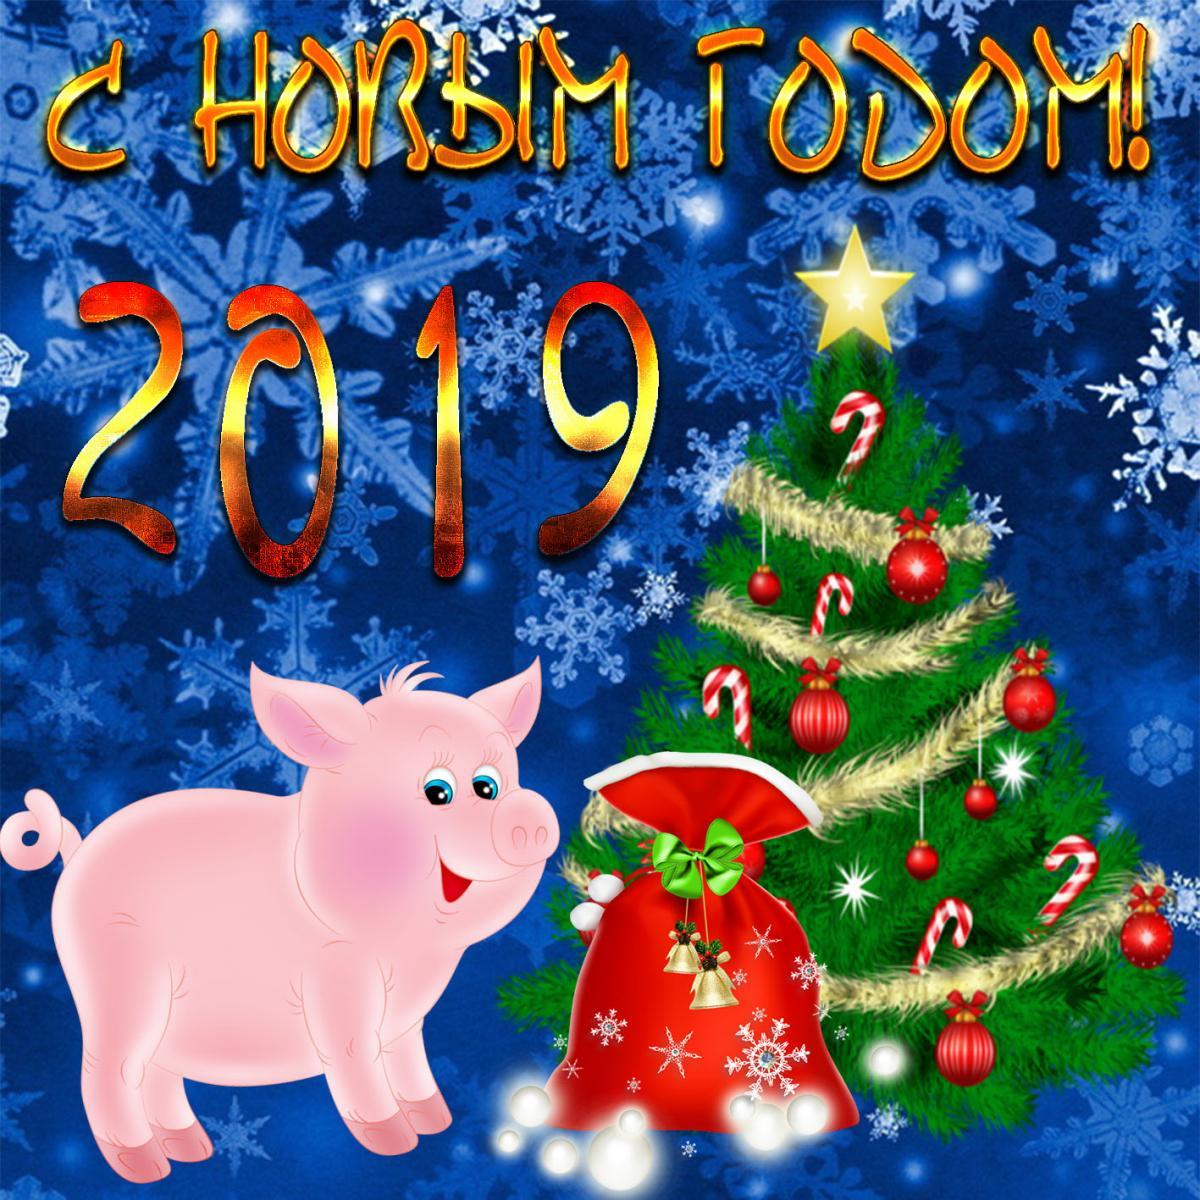 Картинки в новый год 2019 и поздравления, картинки